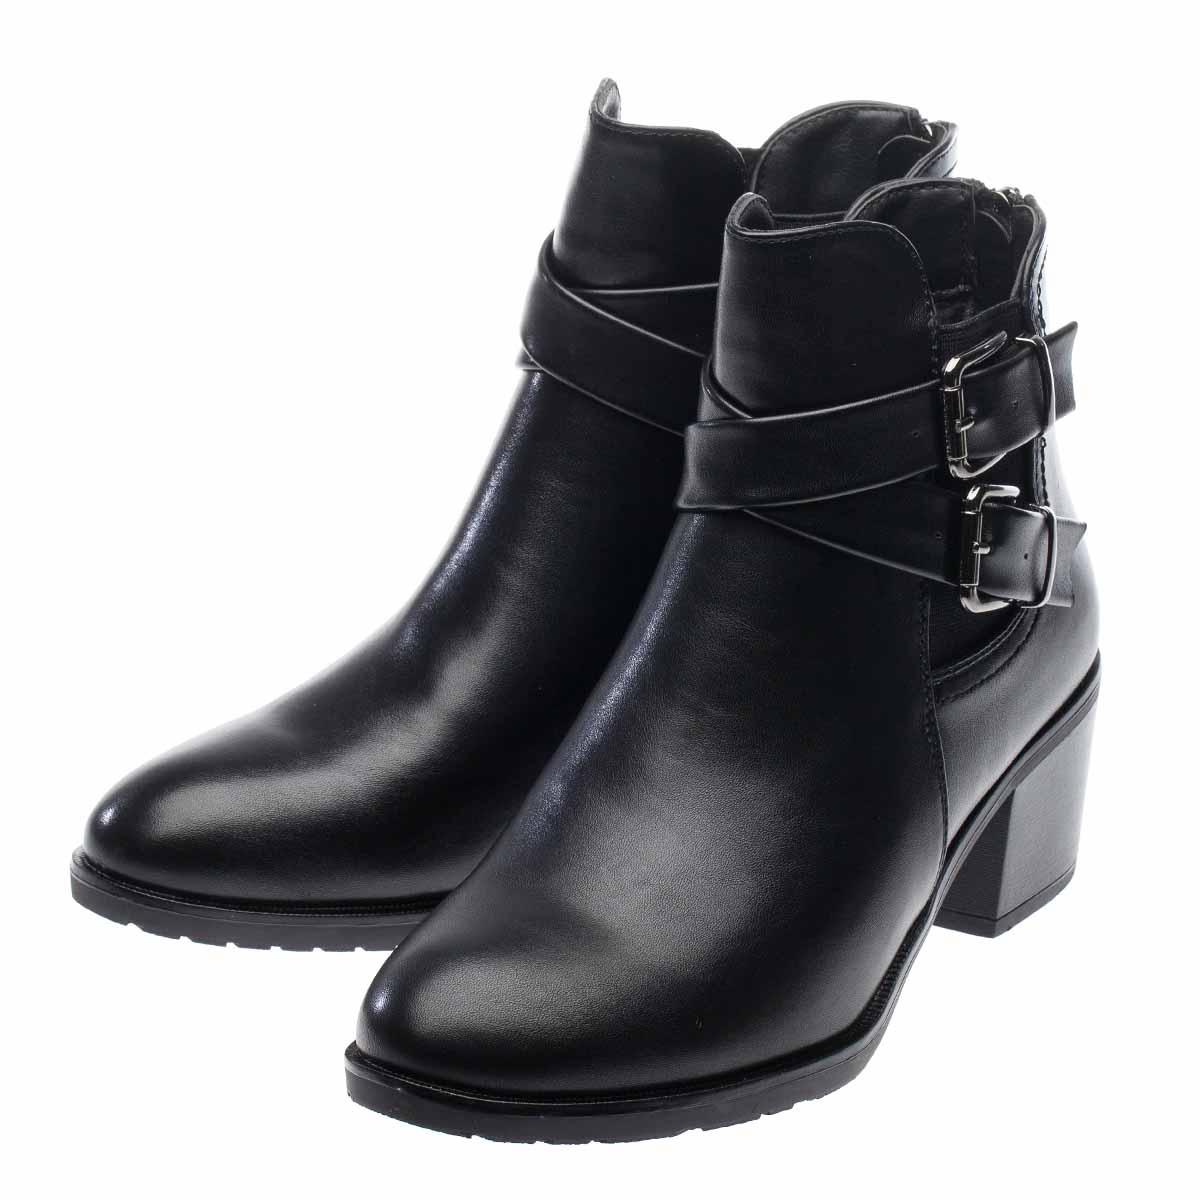 Фото - Ботинки демисезонные FERTO, D17-5706 ботинки демисезонные ferto skl 008